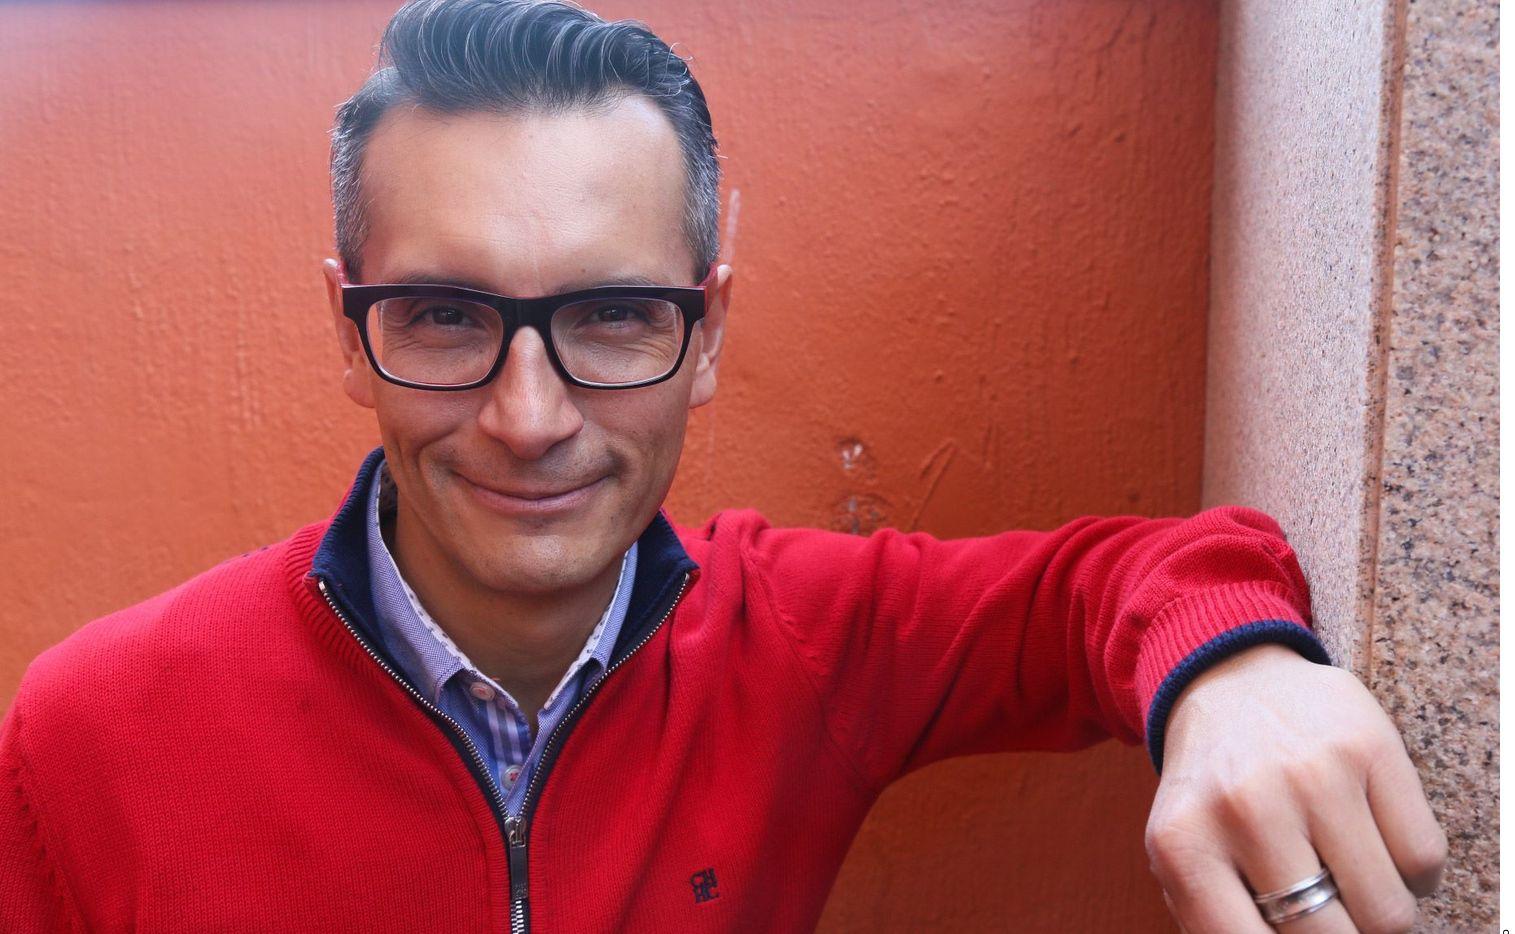 El conductor Sergio Sepúlveda, del programa 'Venga la Alegría', anunció este lunes que dio positivo a covid-19 tras hacerse una prueba PCR.